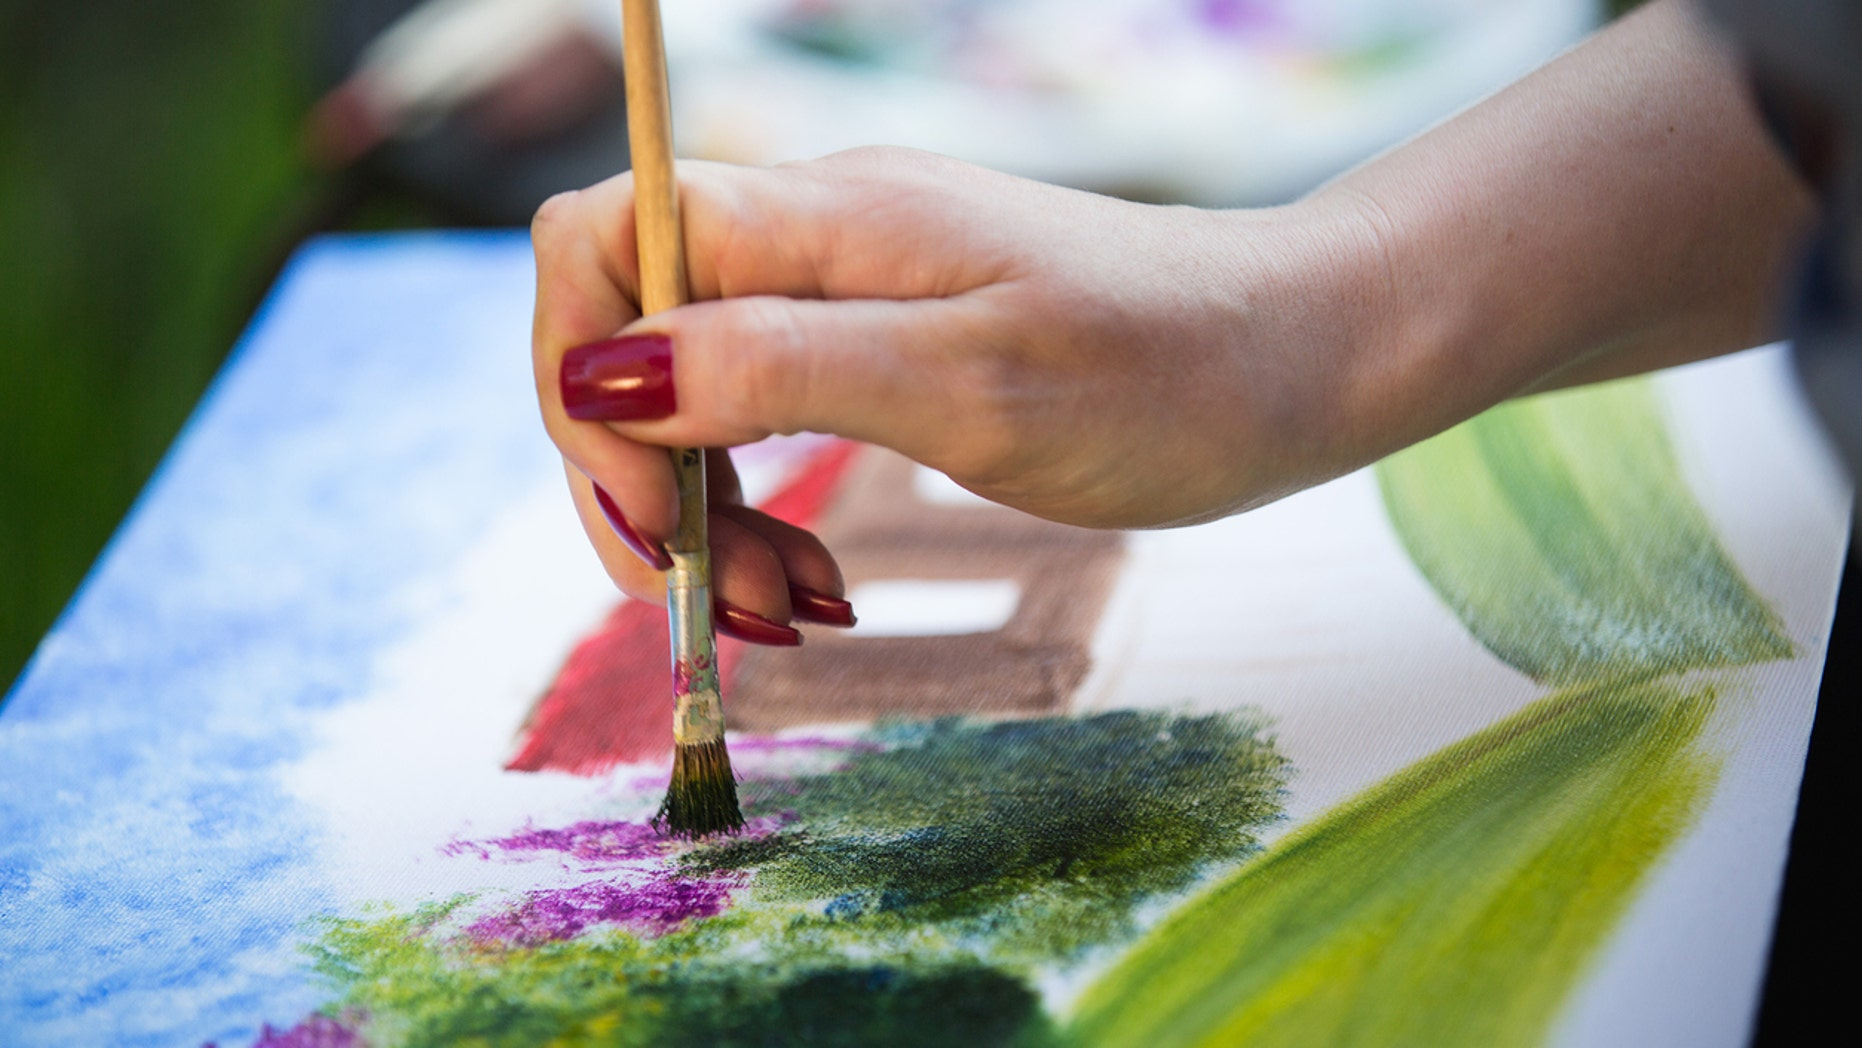 painter paints a painting